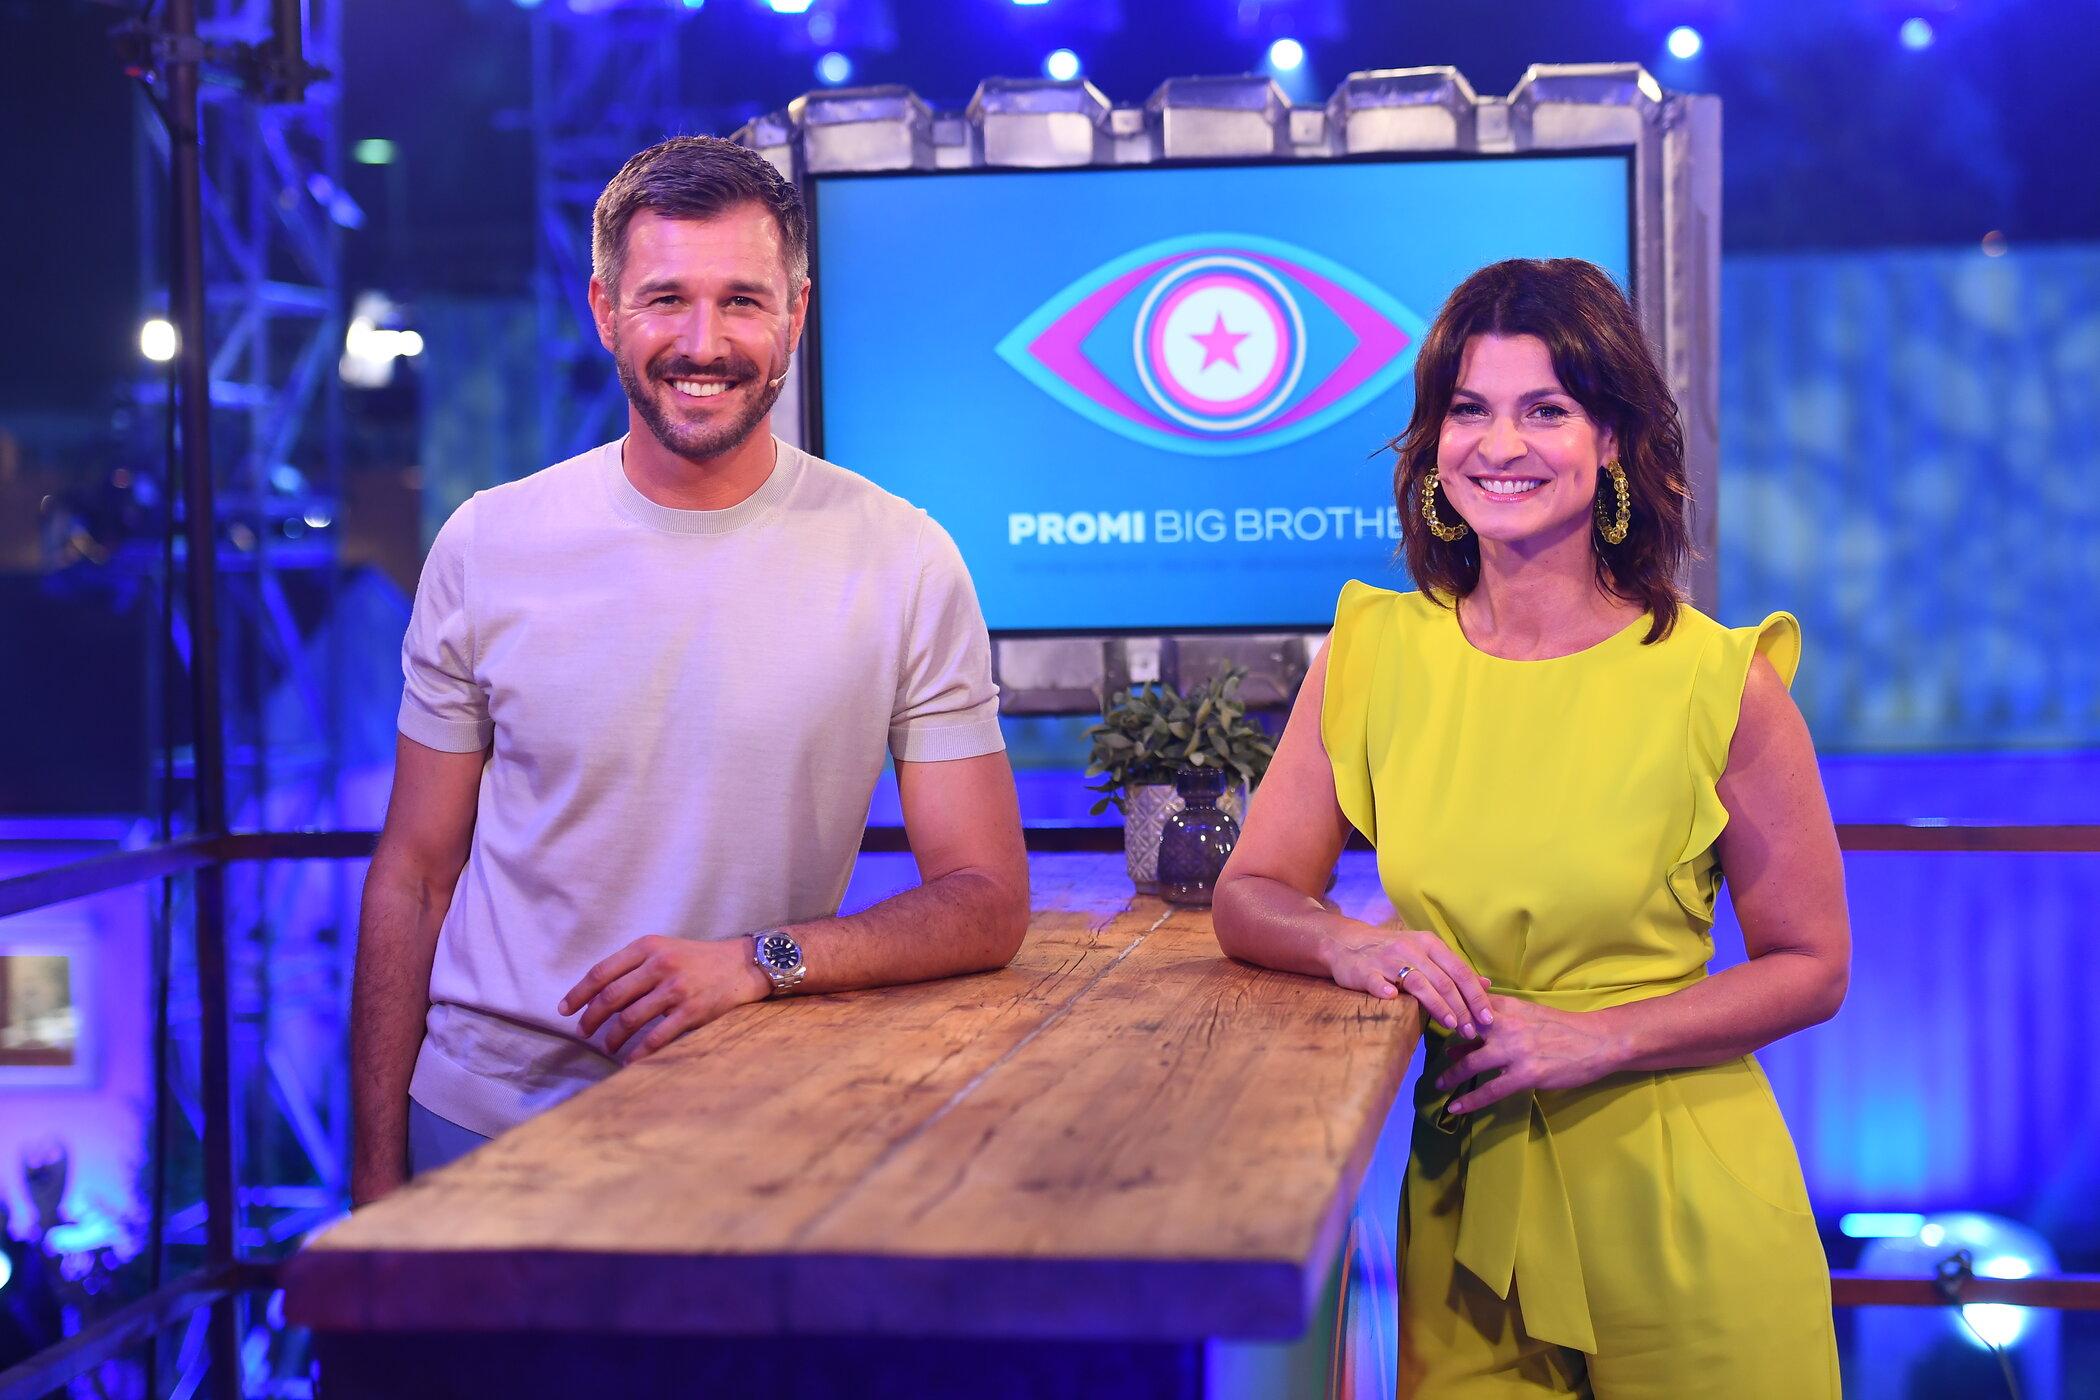 Promi Big Brother 2020 Sendezeiten